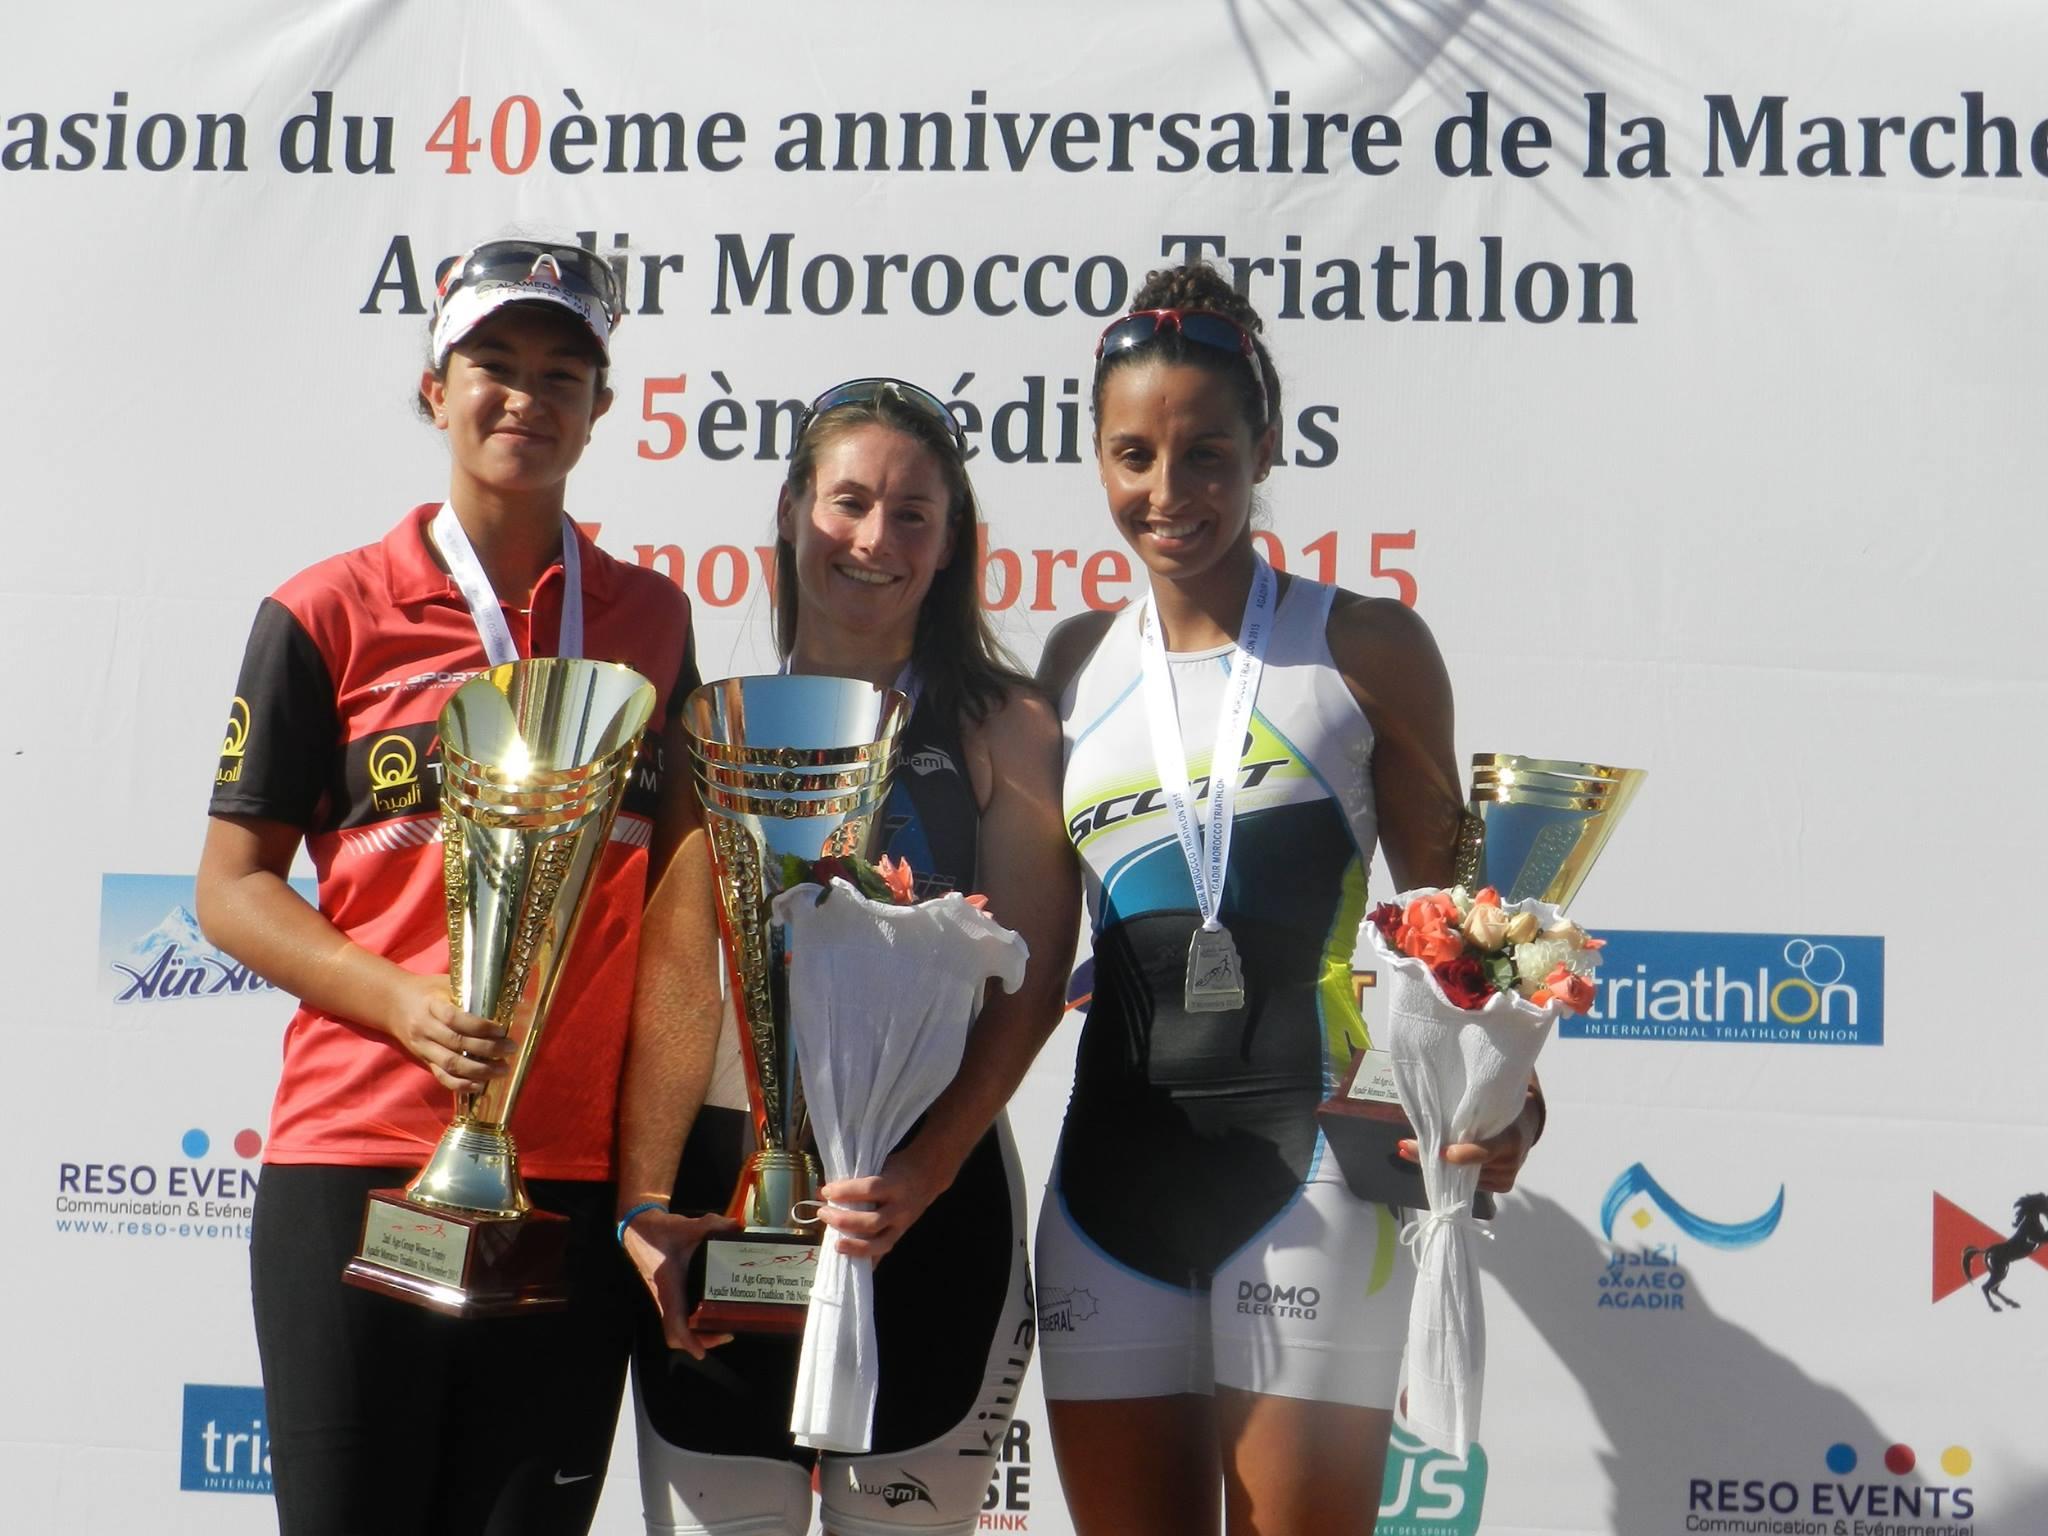 Jasmin en JoJo scoren in Agadir, Karl in Florida